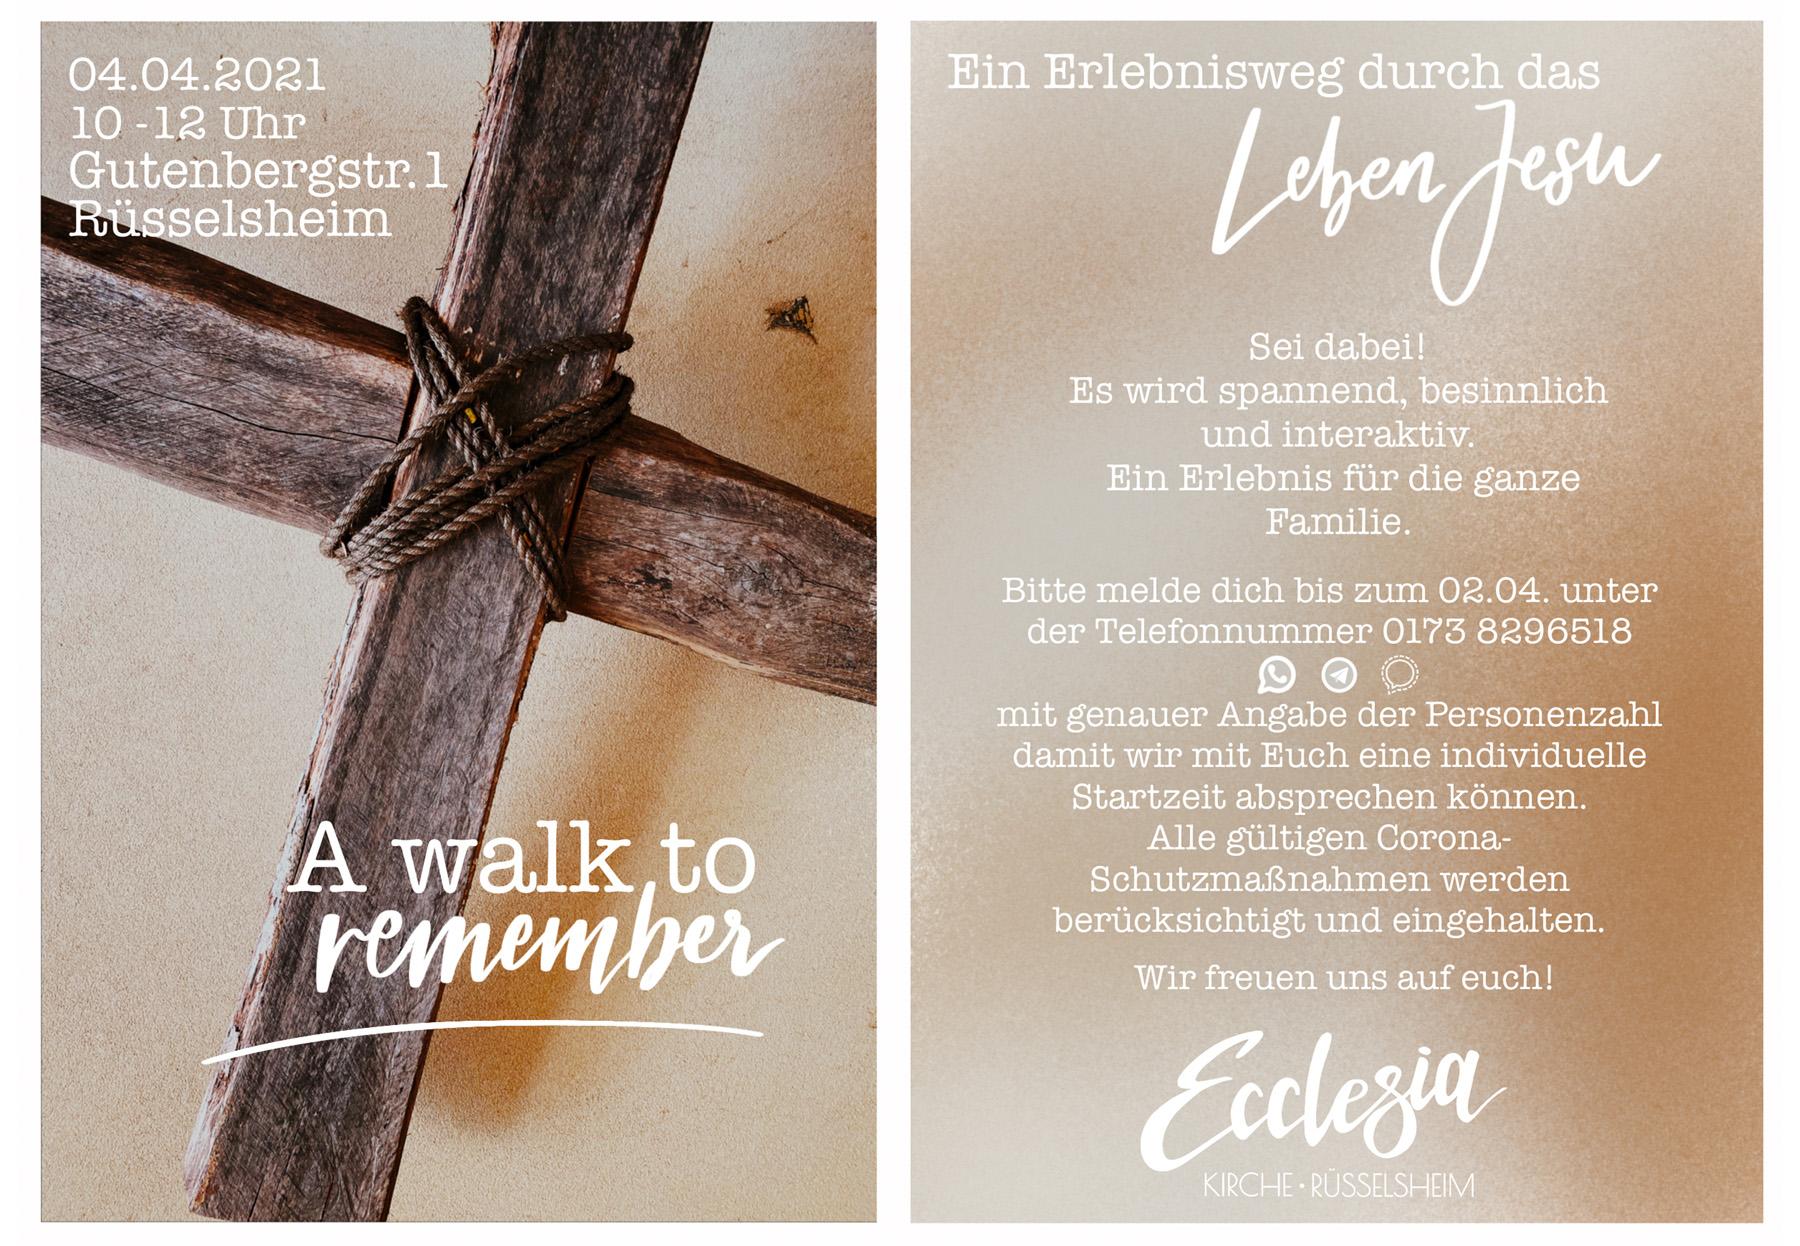 A walk to remember - Ein Erlebnisweg durch das Leben Jesu